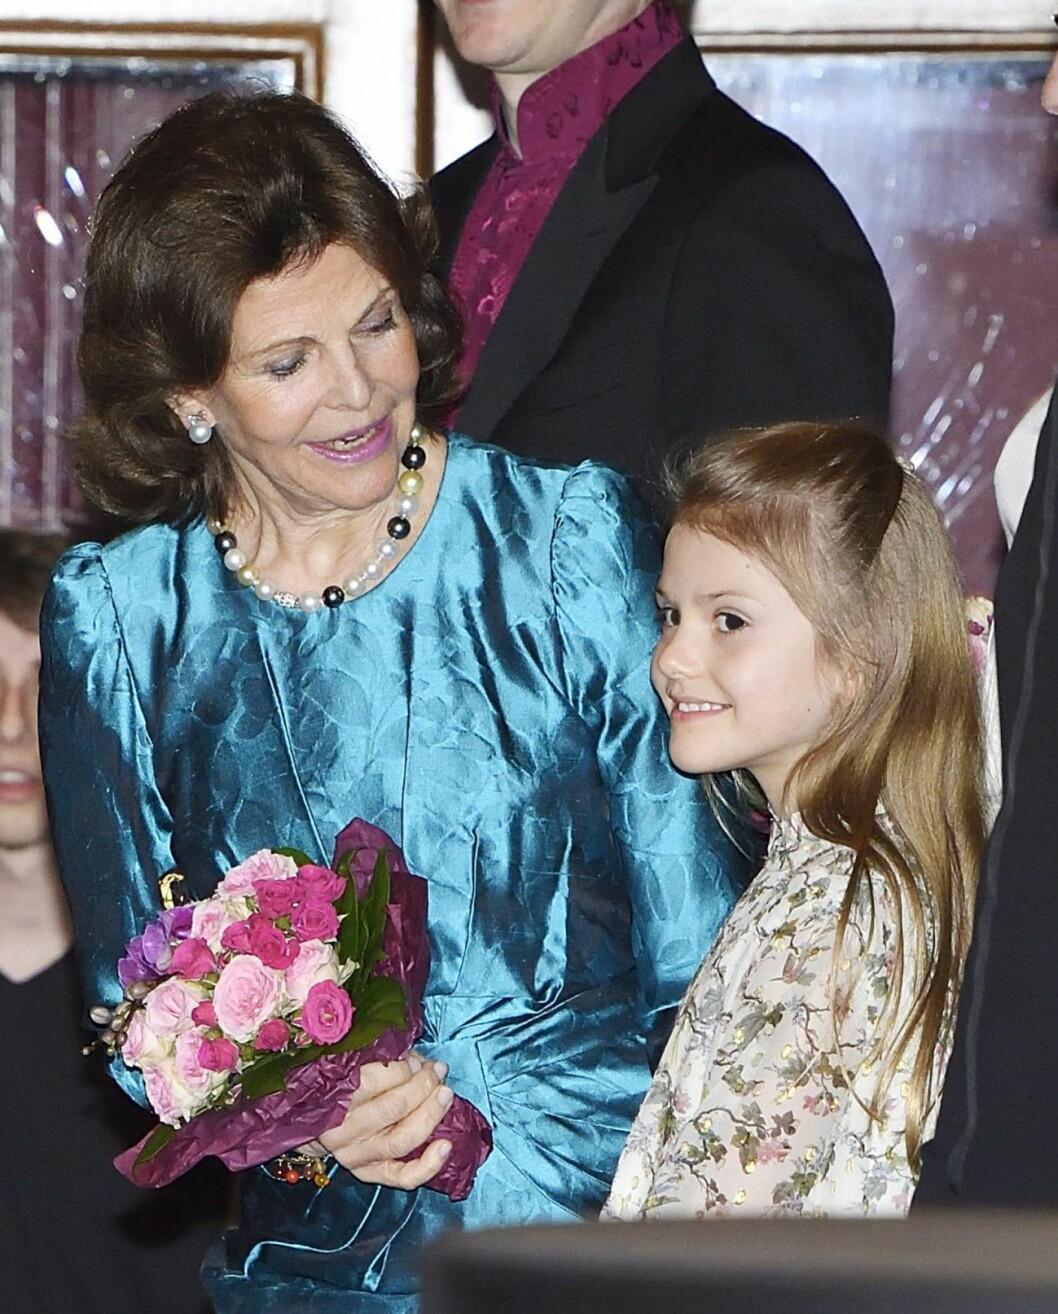 Drottning Silvia med sitt barnbarn, prinsessan Estelle.